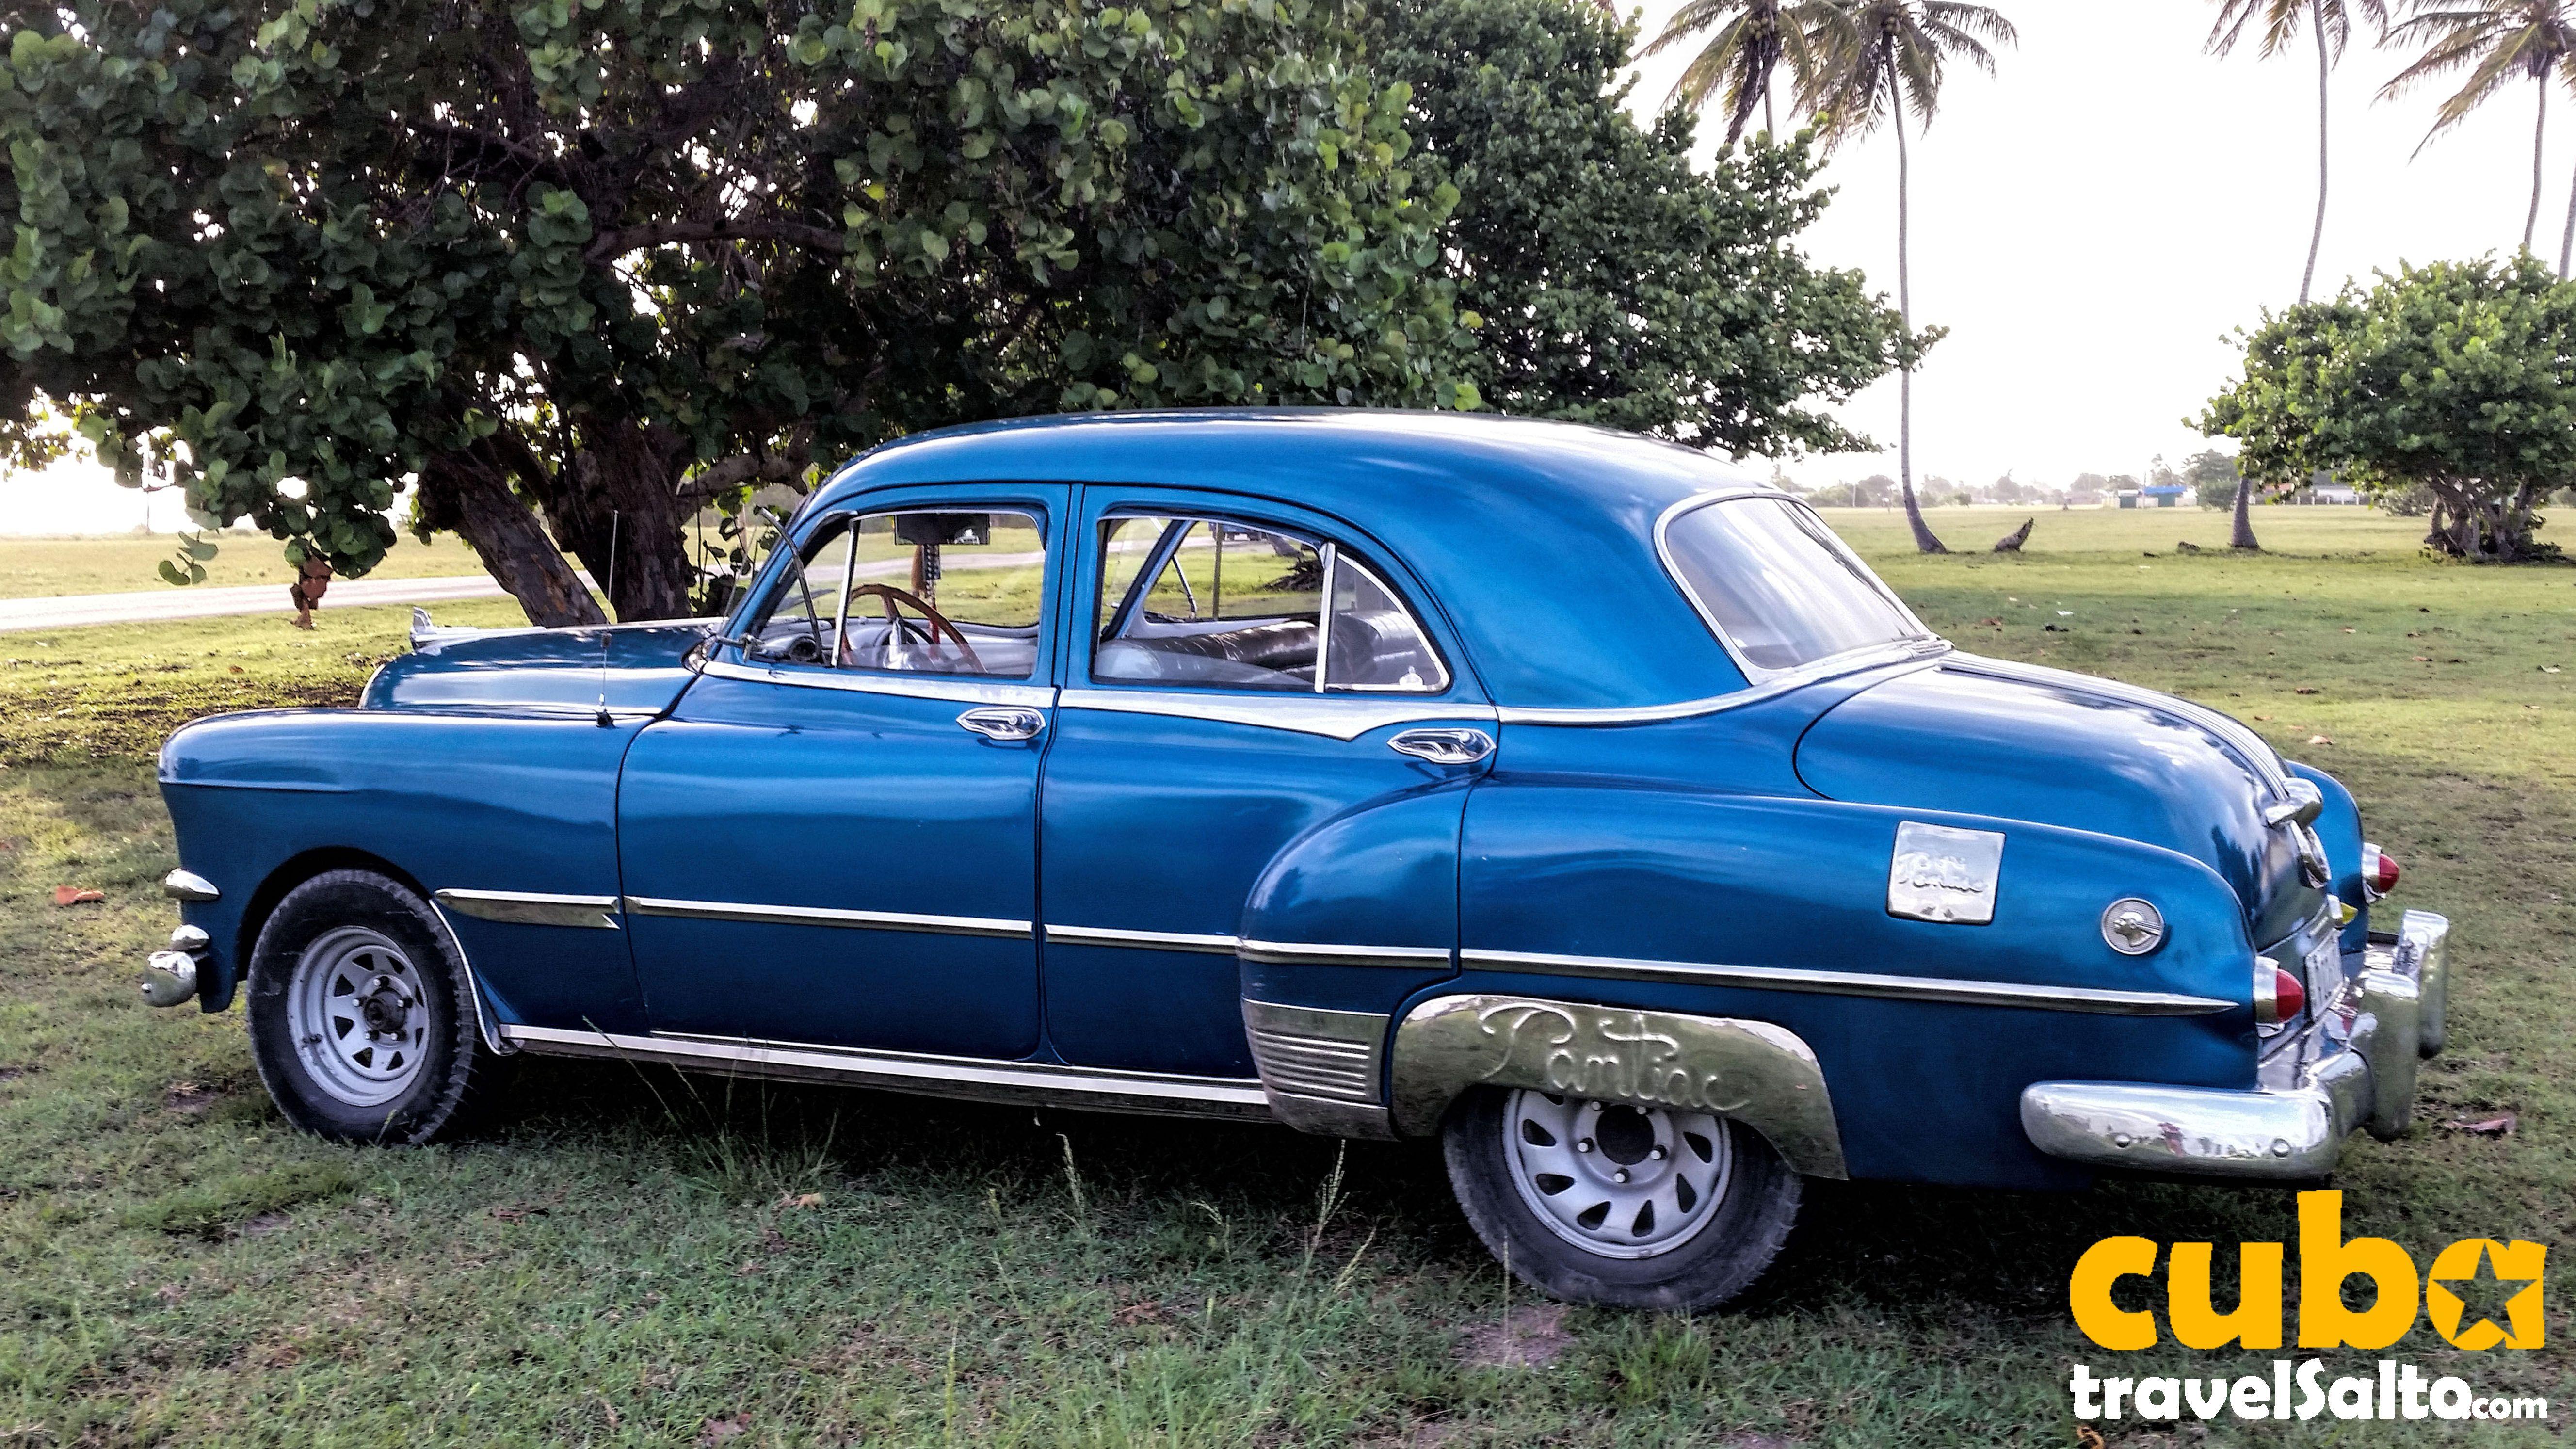 Pontiac. #Cuba #Cars #CubaTravel